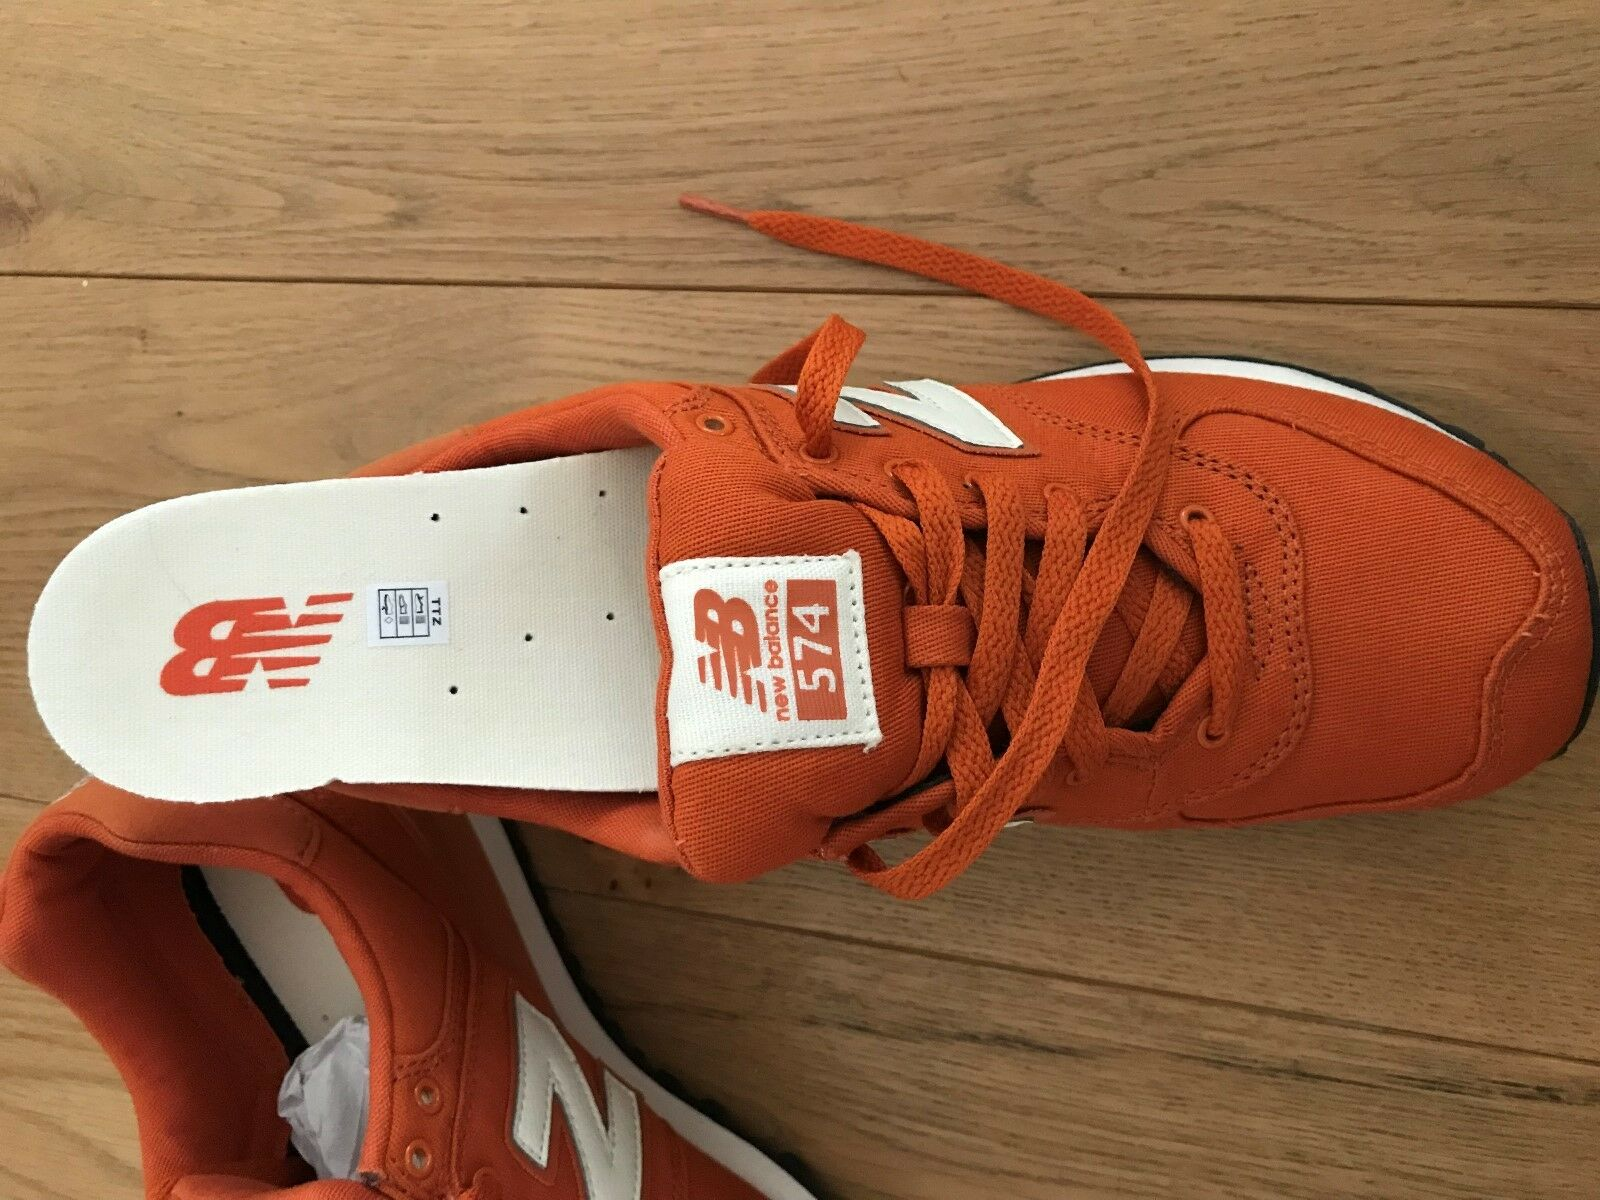 New balance Gr.40 Schuhe Sportschuhe Sportschuhe Sportschuhe Turnschuhe ornage weiß Canvas Baumwolle NEU d5c0b4